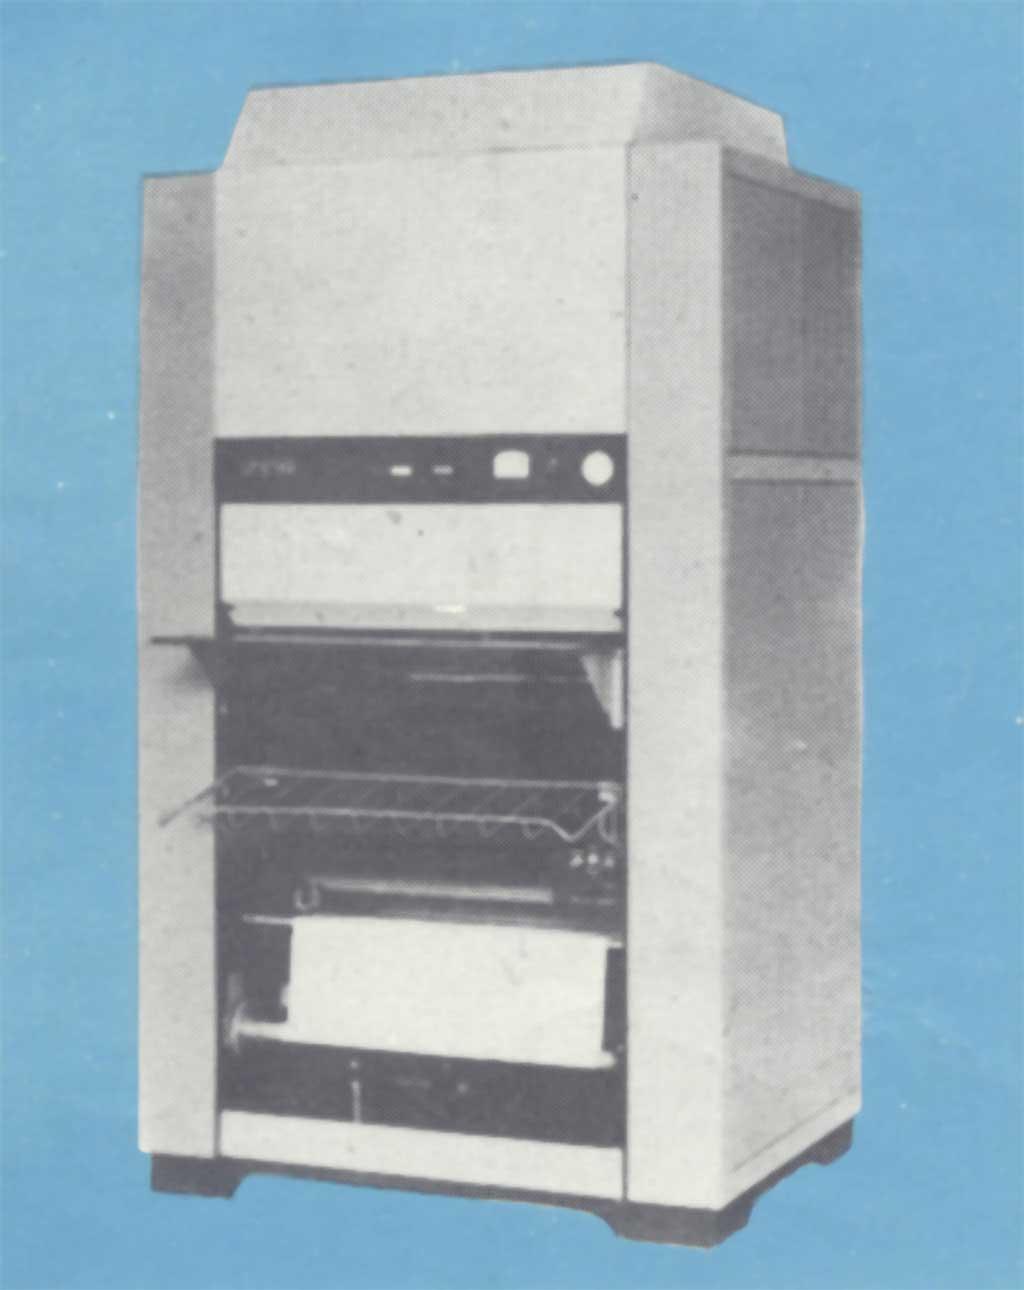 Электрографический копировальный аппарат ЭР- 620Р3.  Аппарат предназначен для копирования чертежей,текстовой и другой...